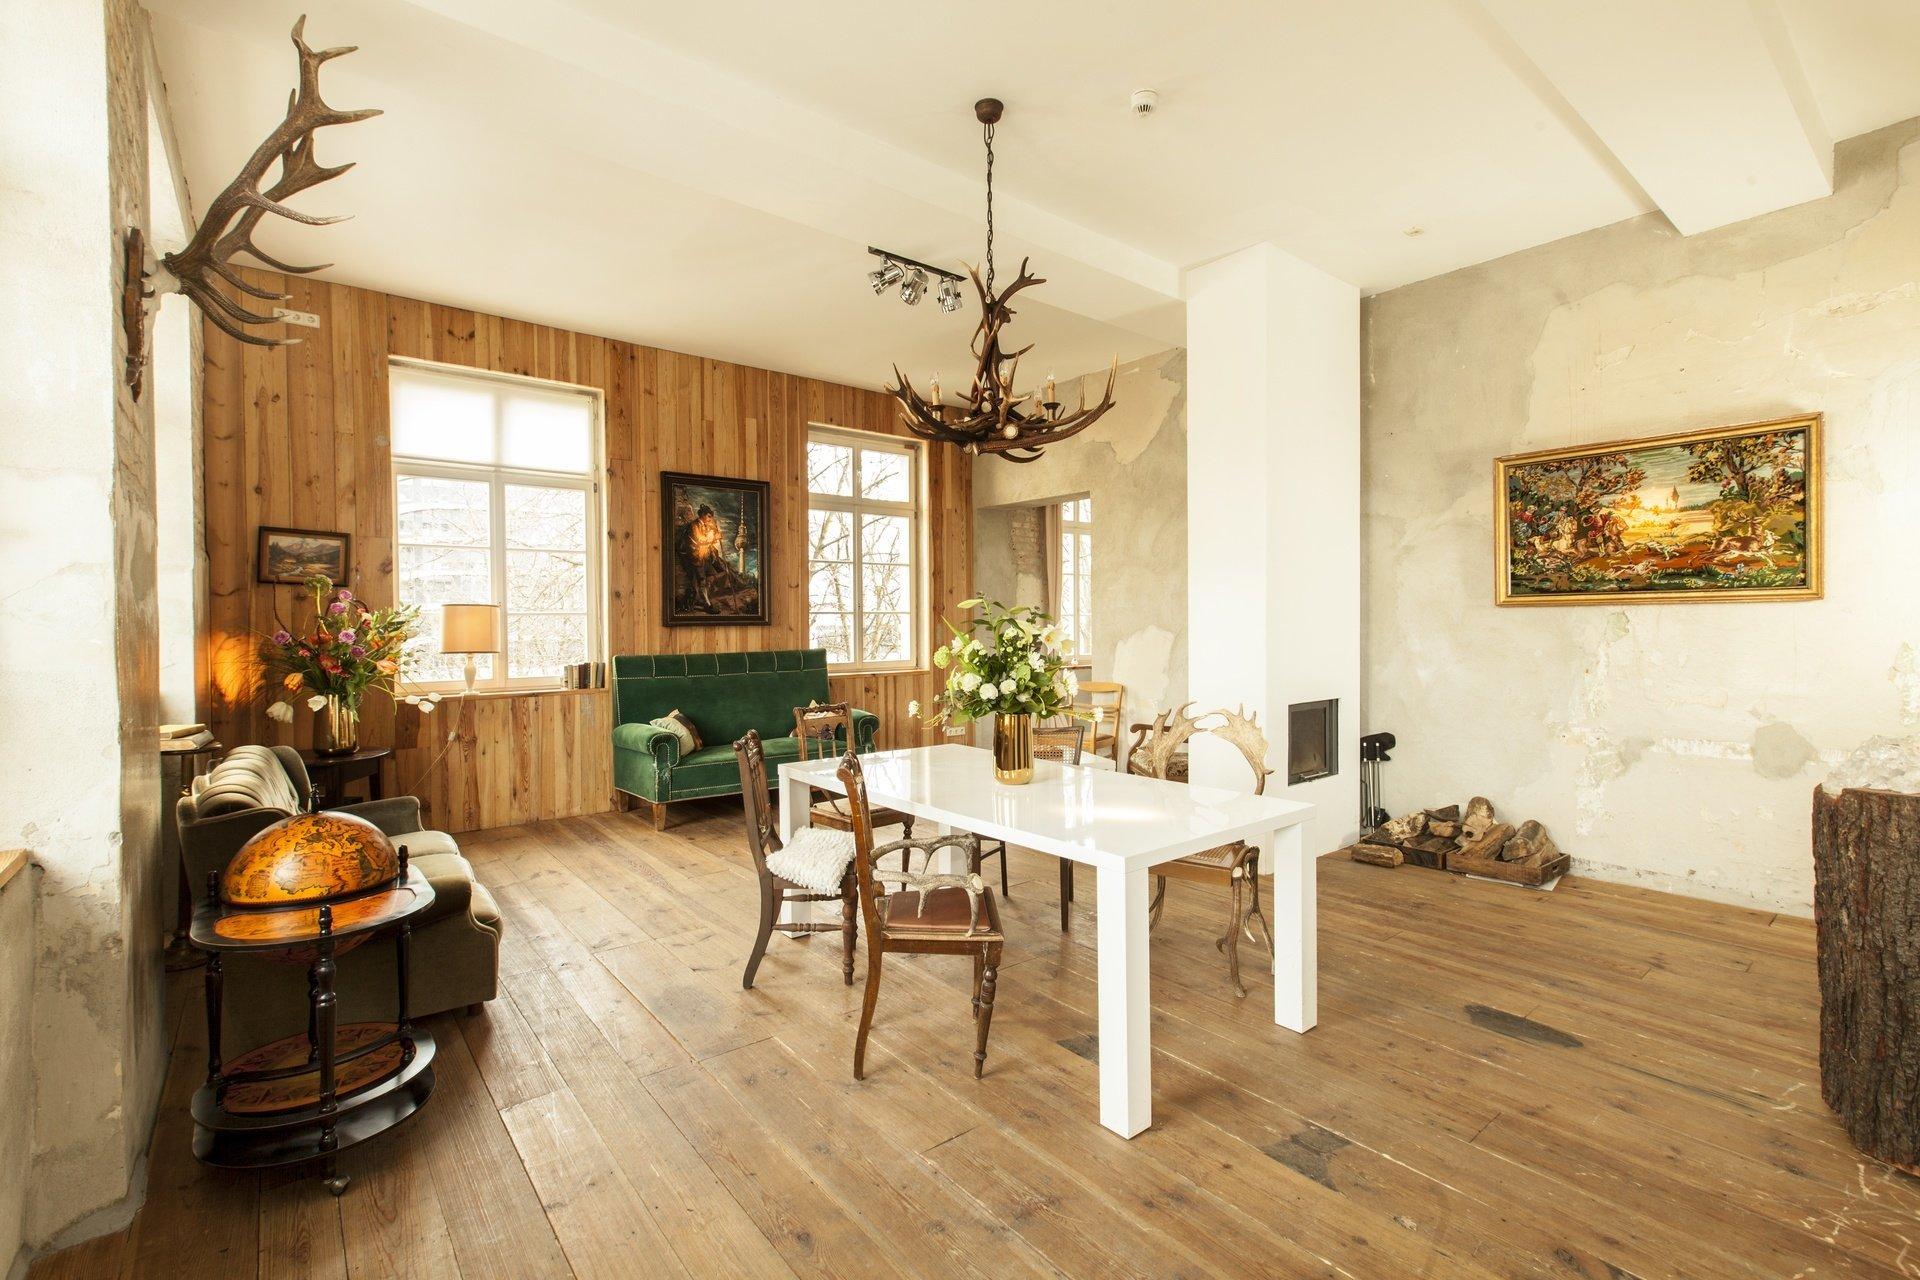 Berlin workshop spaces Party room The Grand - Jägermeister Suite image 0